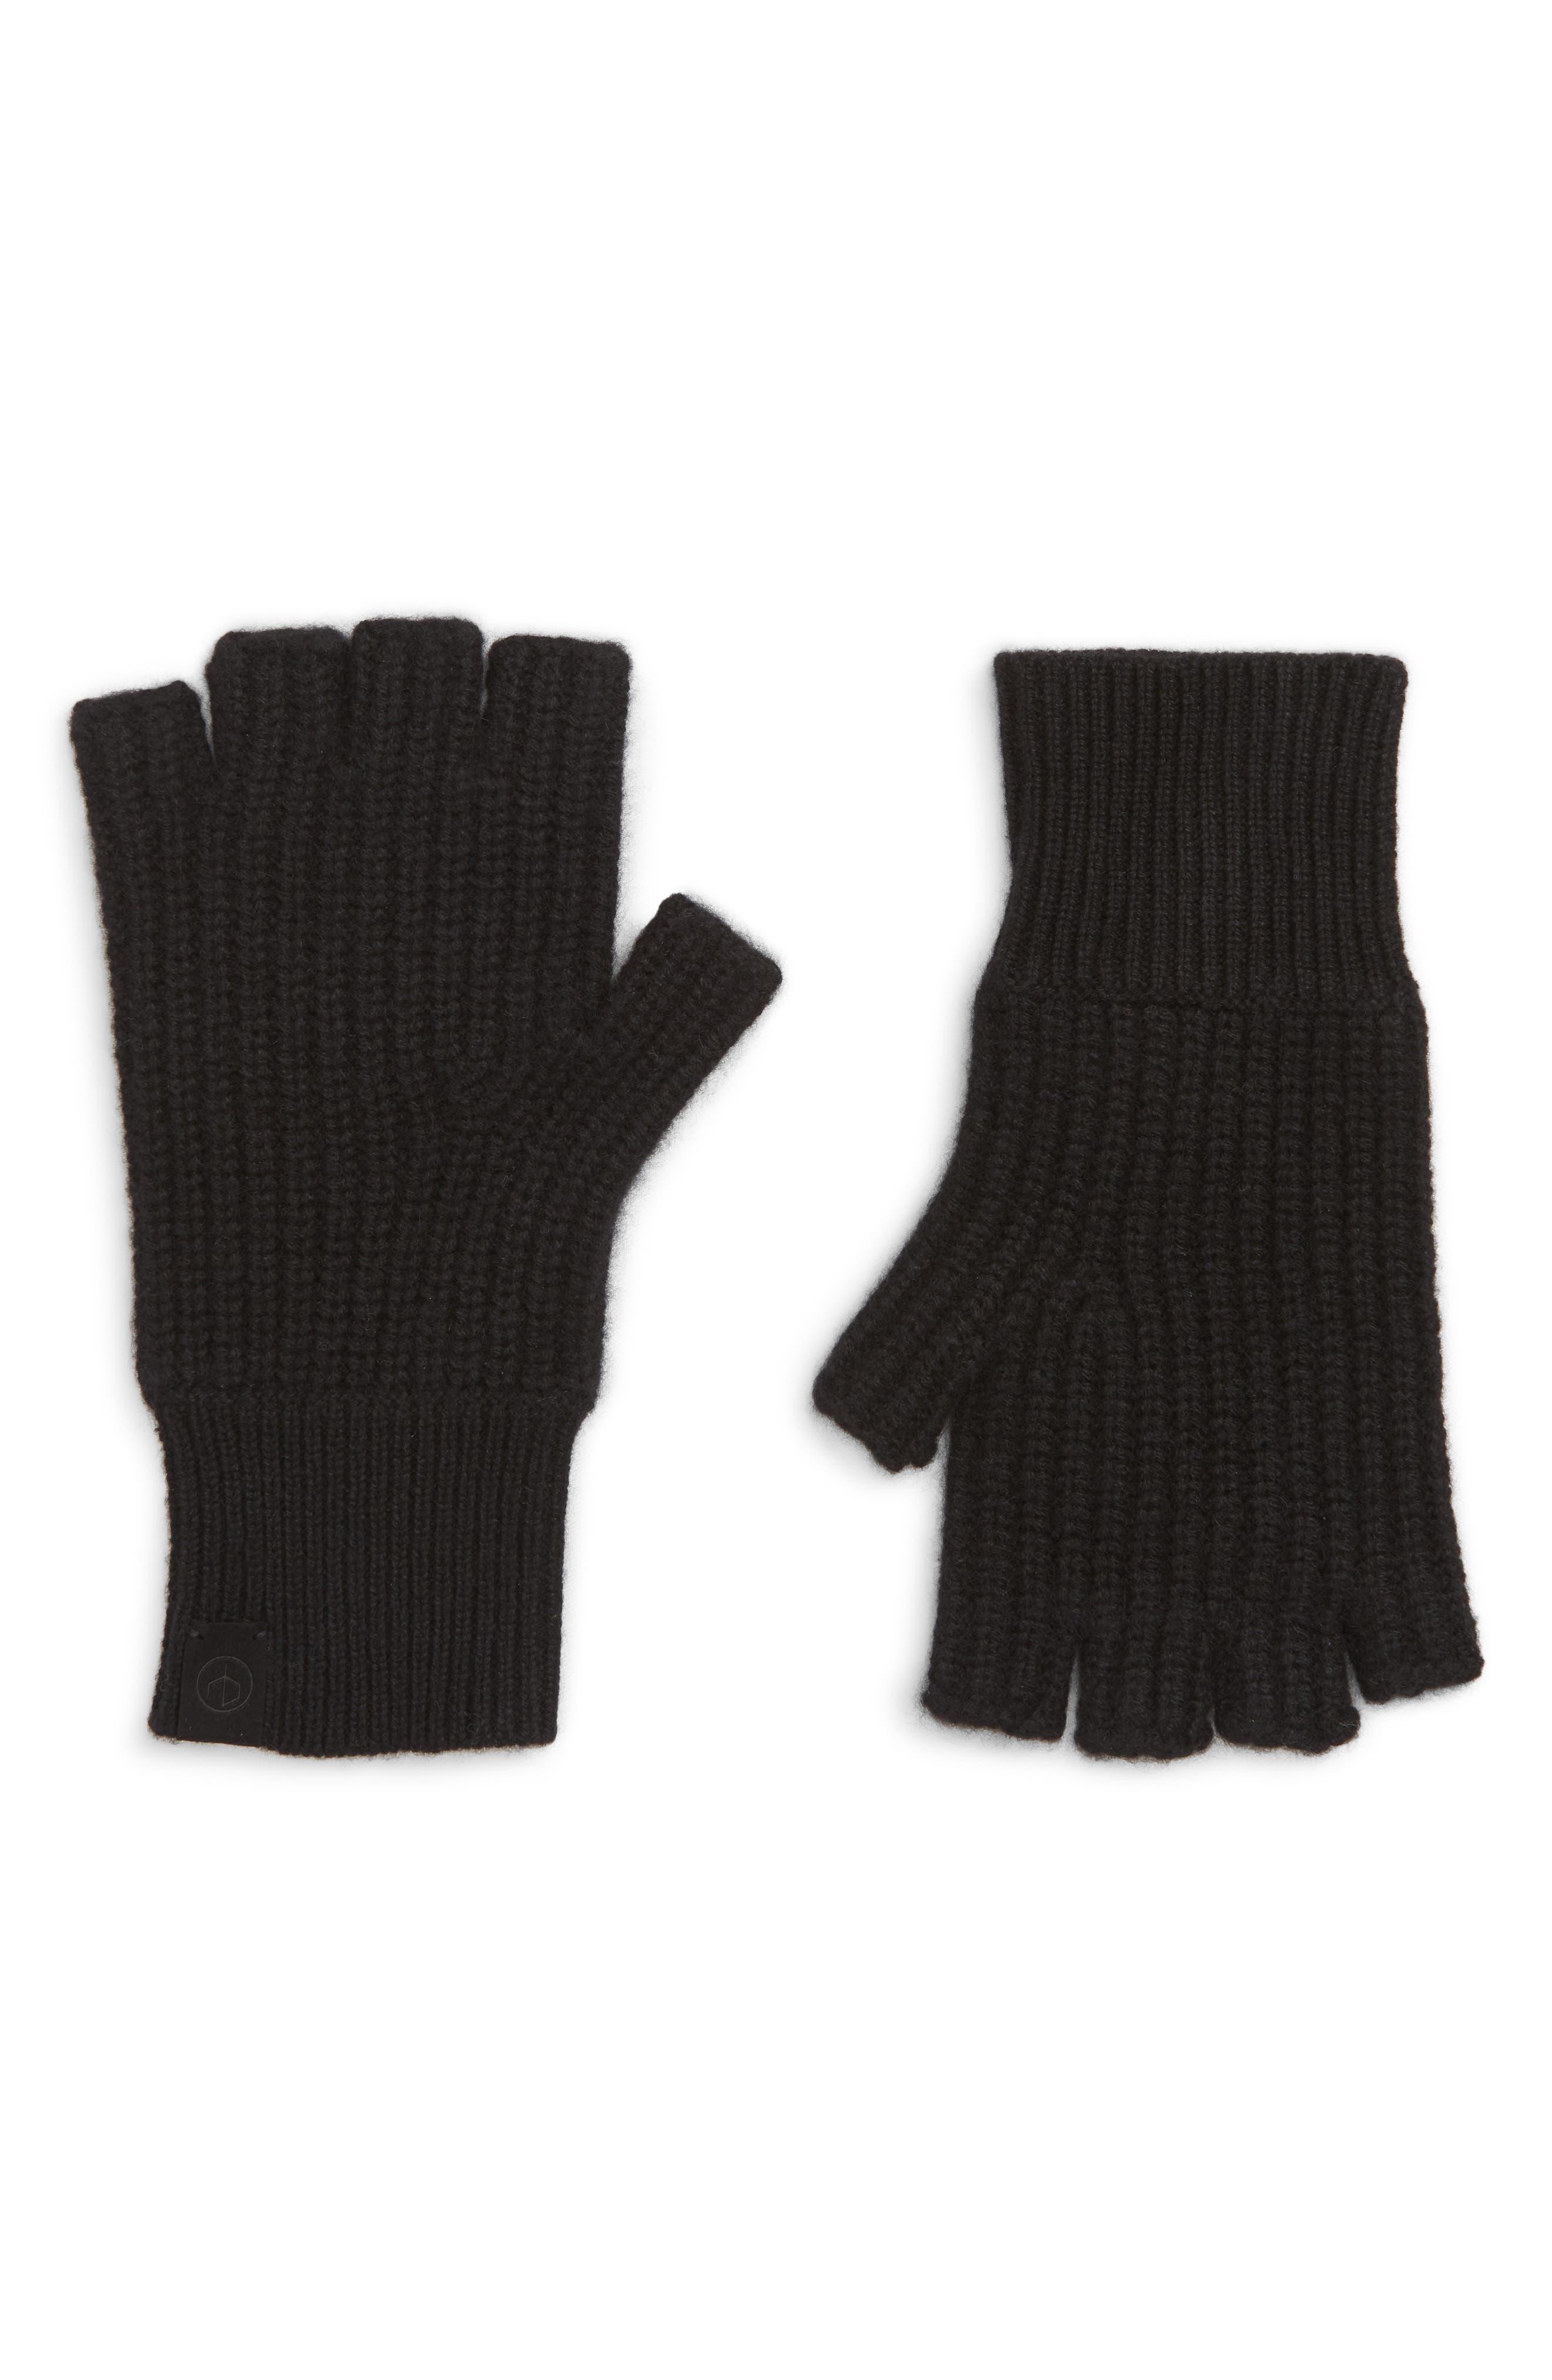 Men\'s Fingerless Gloves: Leather, Knit & Convertible   Nordstrom